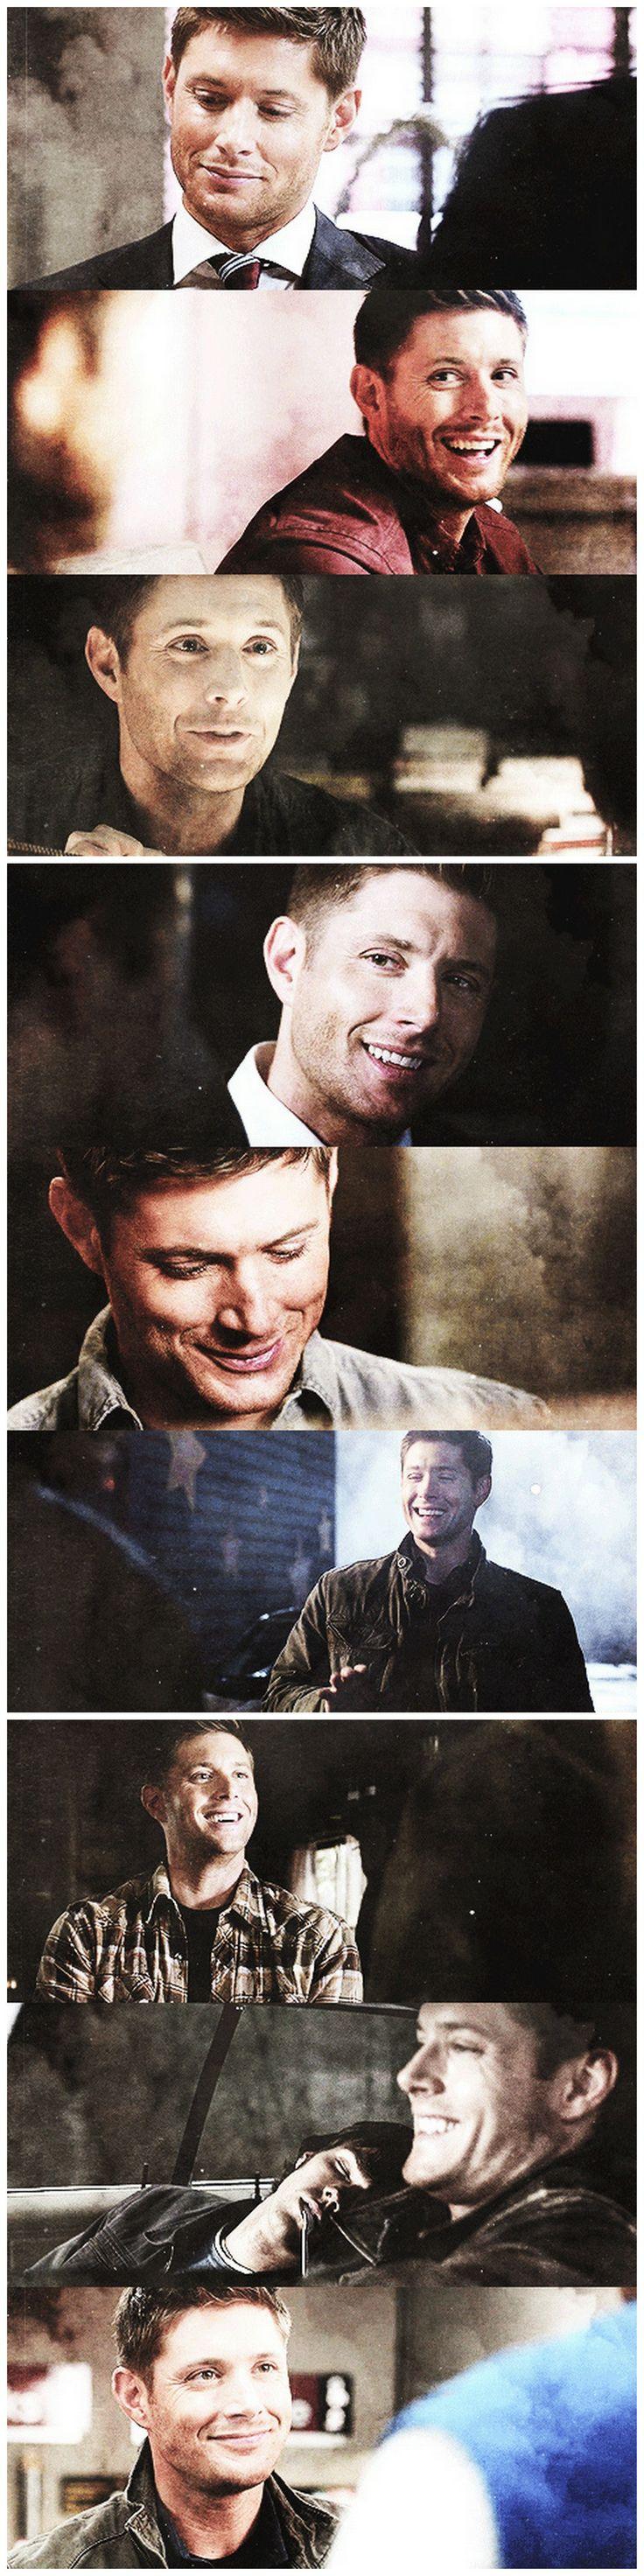 Dean Winchester's smile ♥